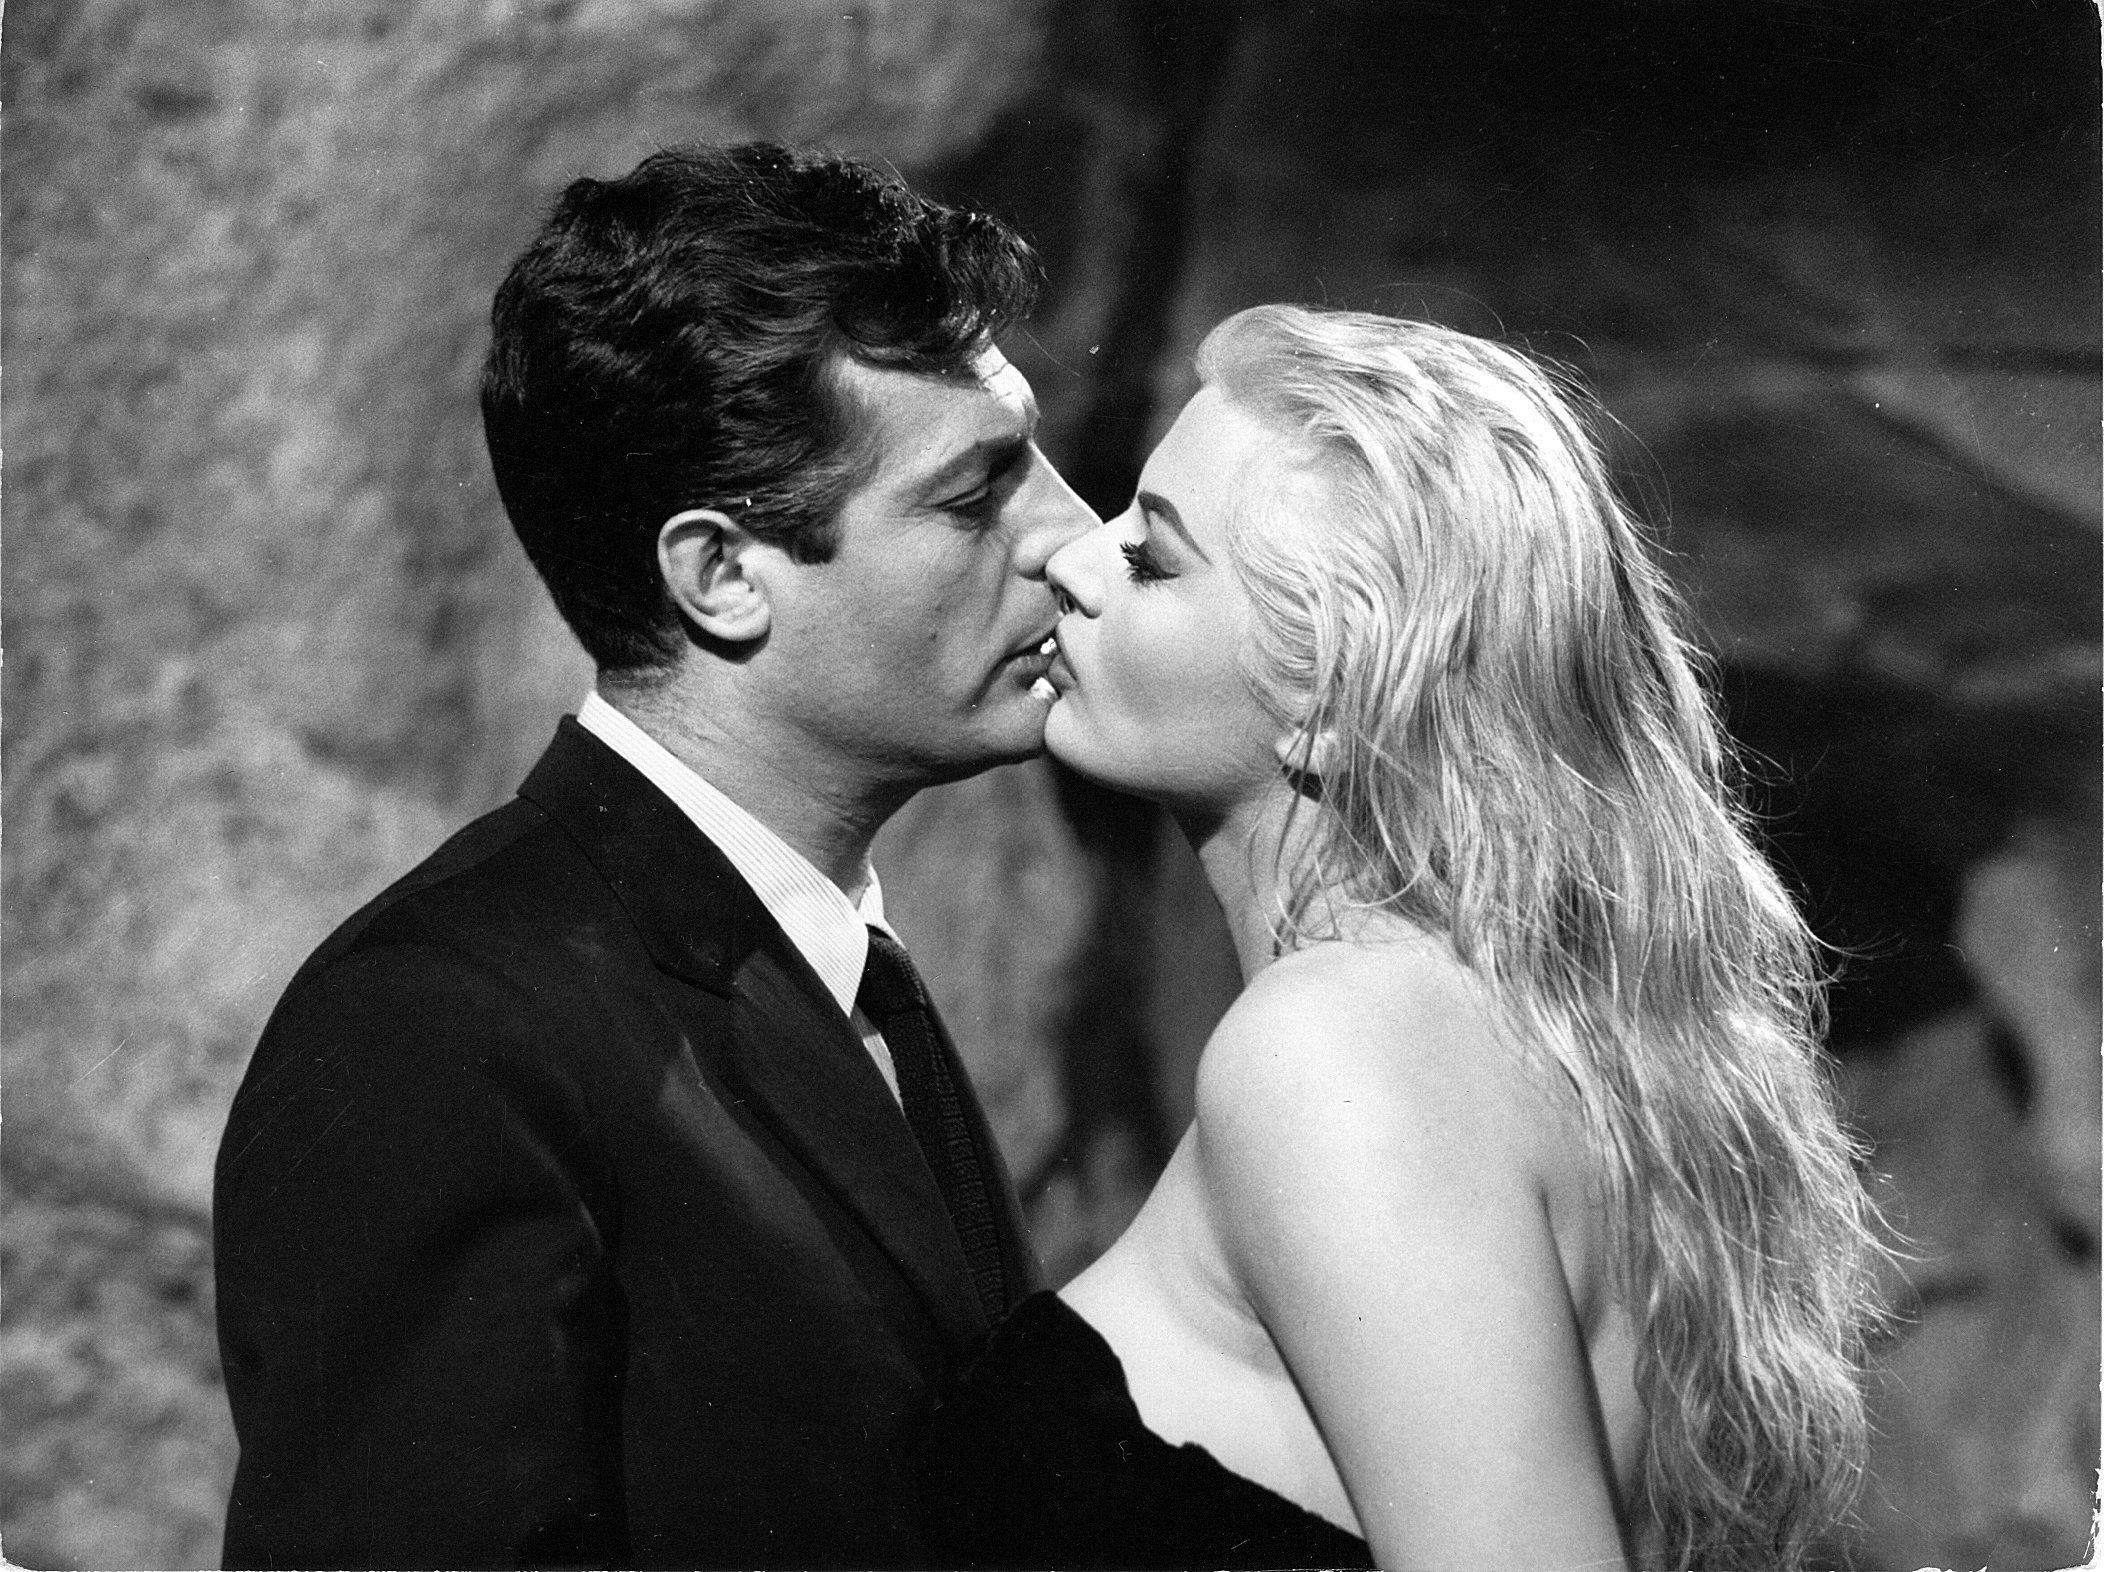 Amsterdam revive el universo de Fellini en la mayor antológica sobre el cineasta